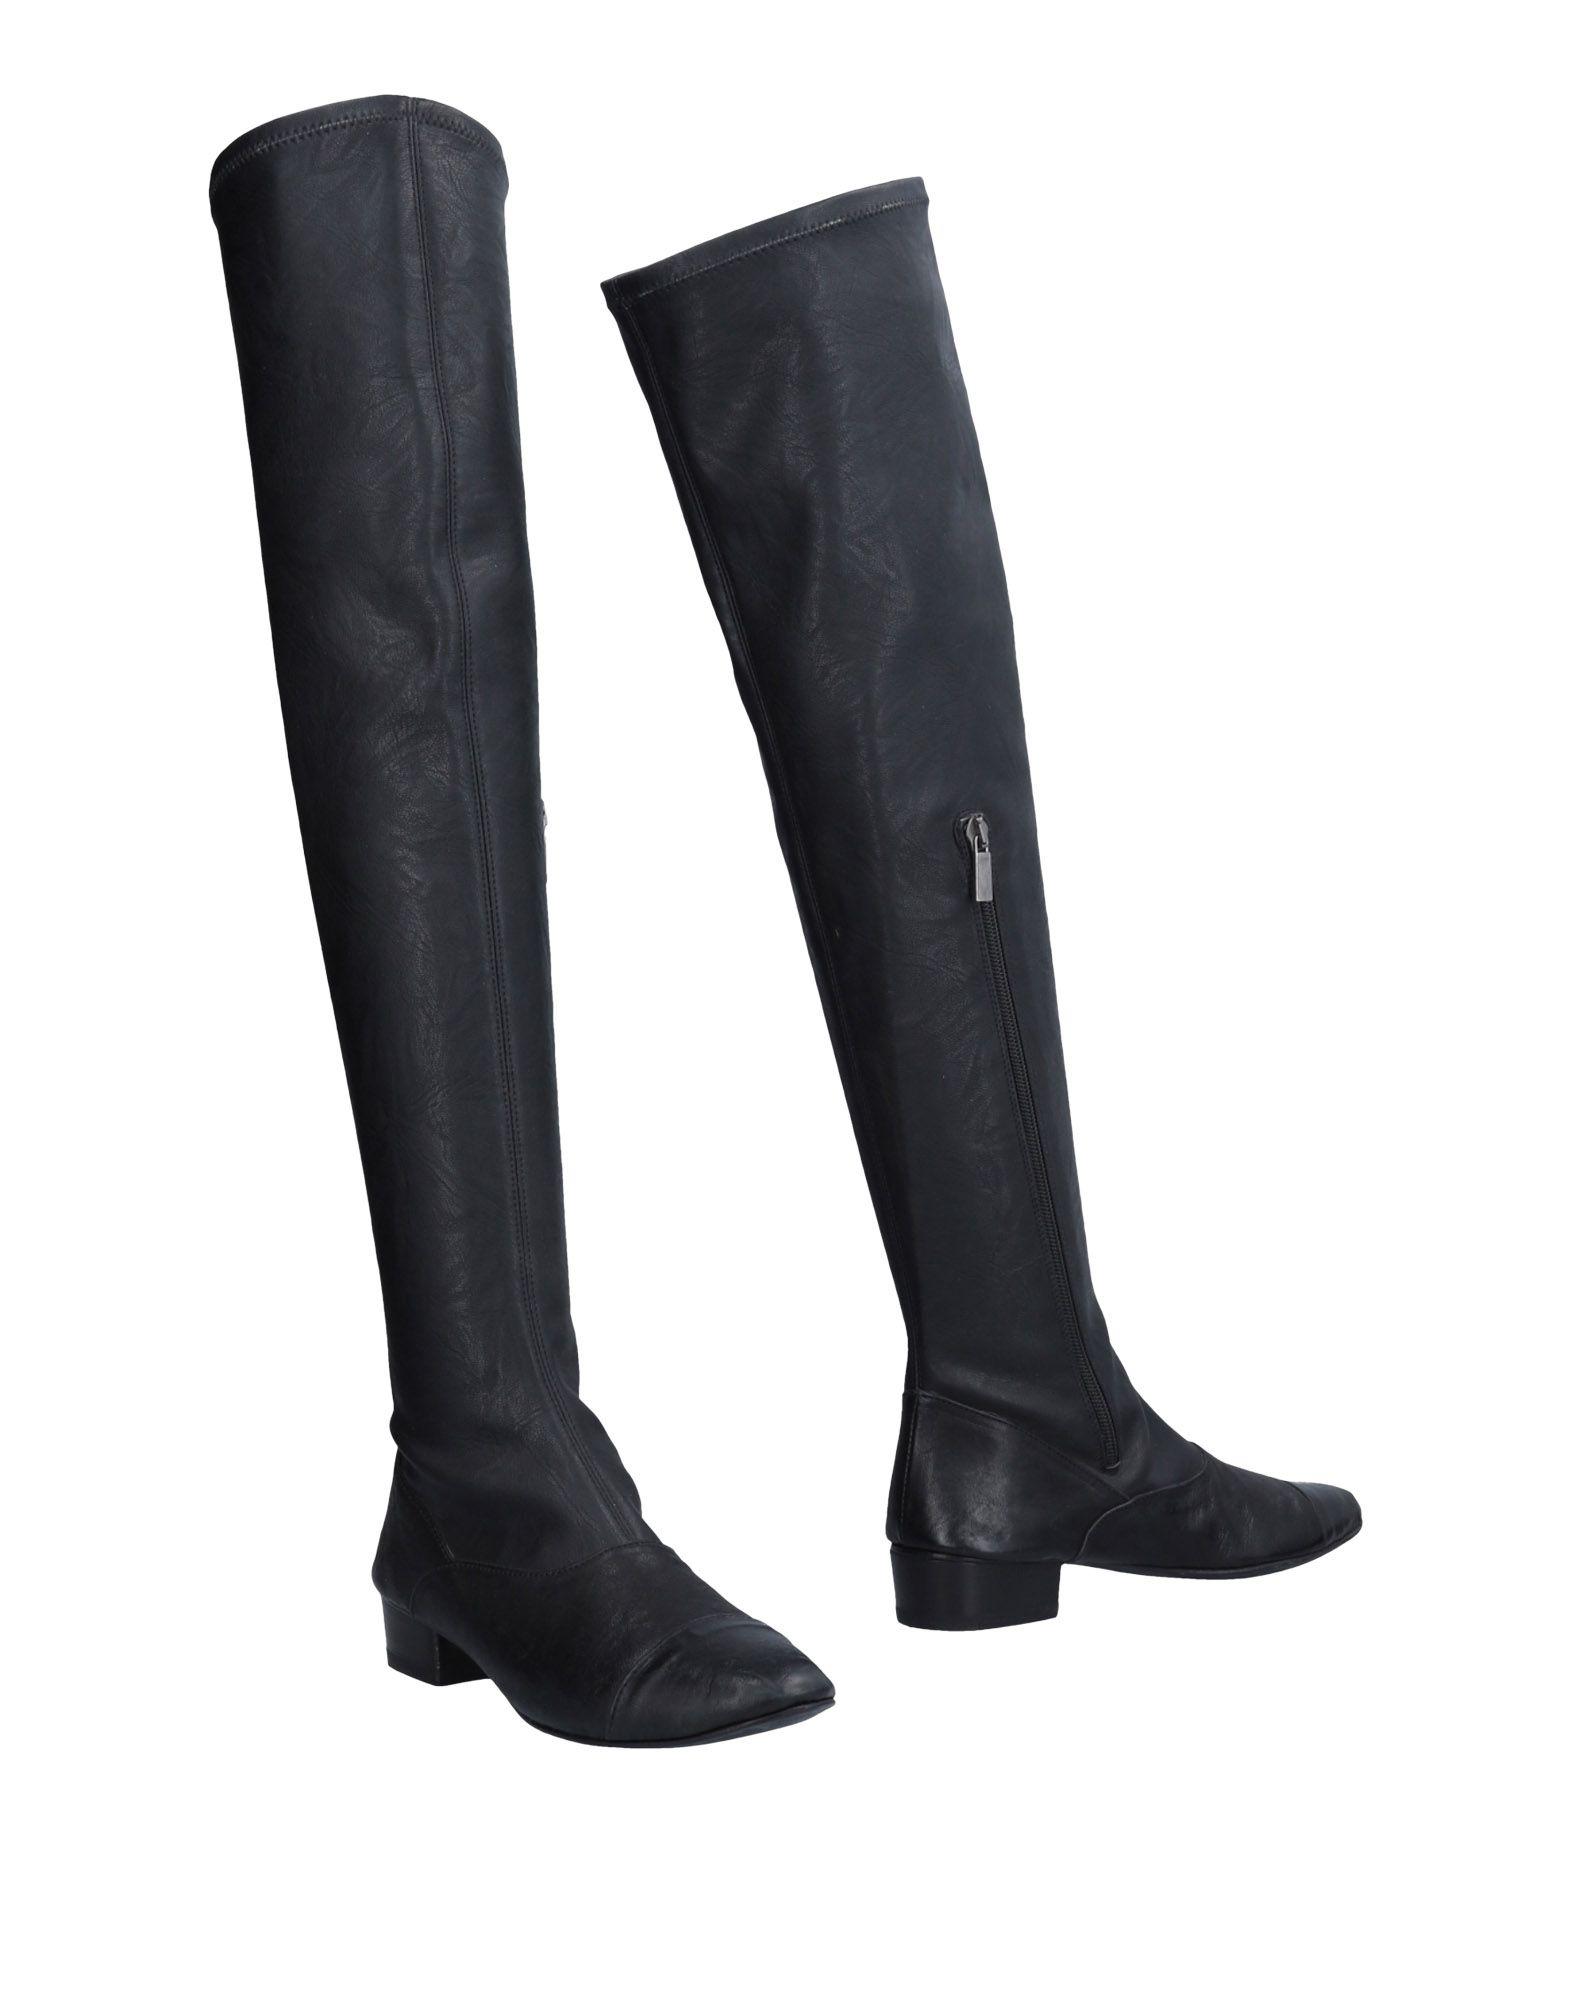 Stilvolle Kudetà billige Schuhe Kudetà Stilvolle Stiefel Damen  11489523TG 273208